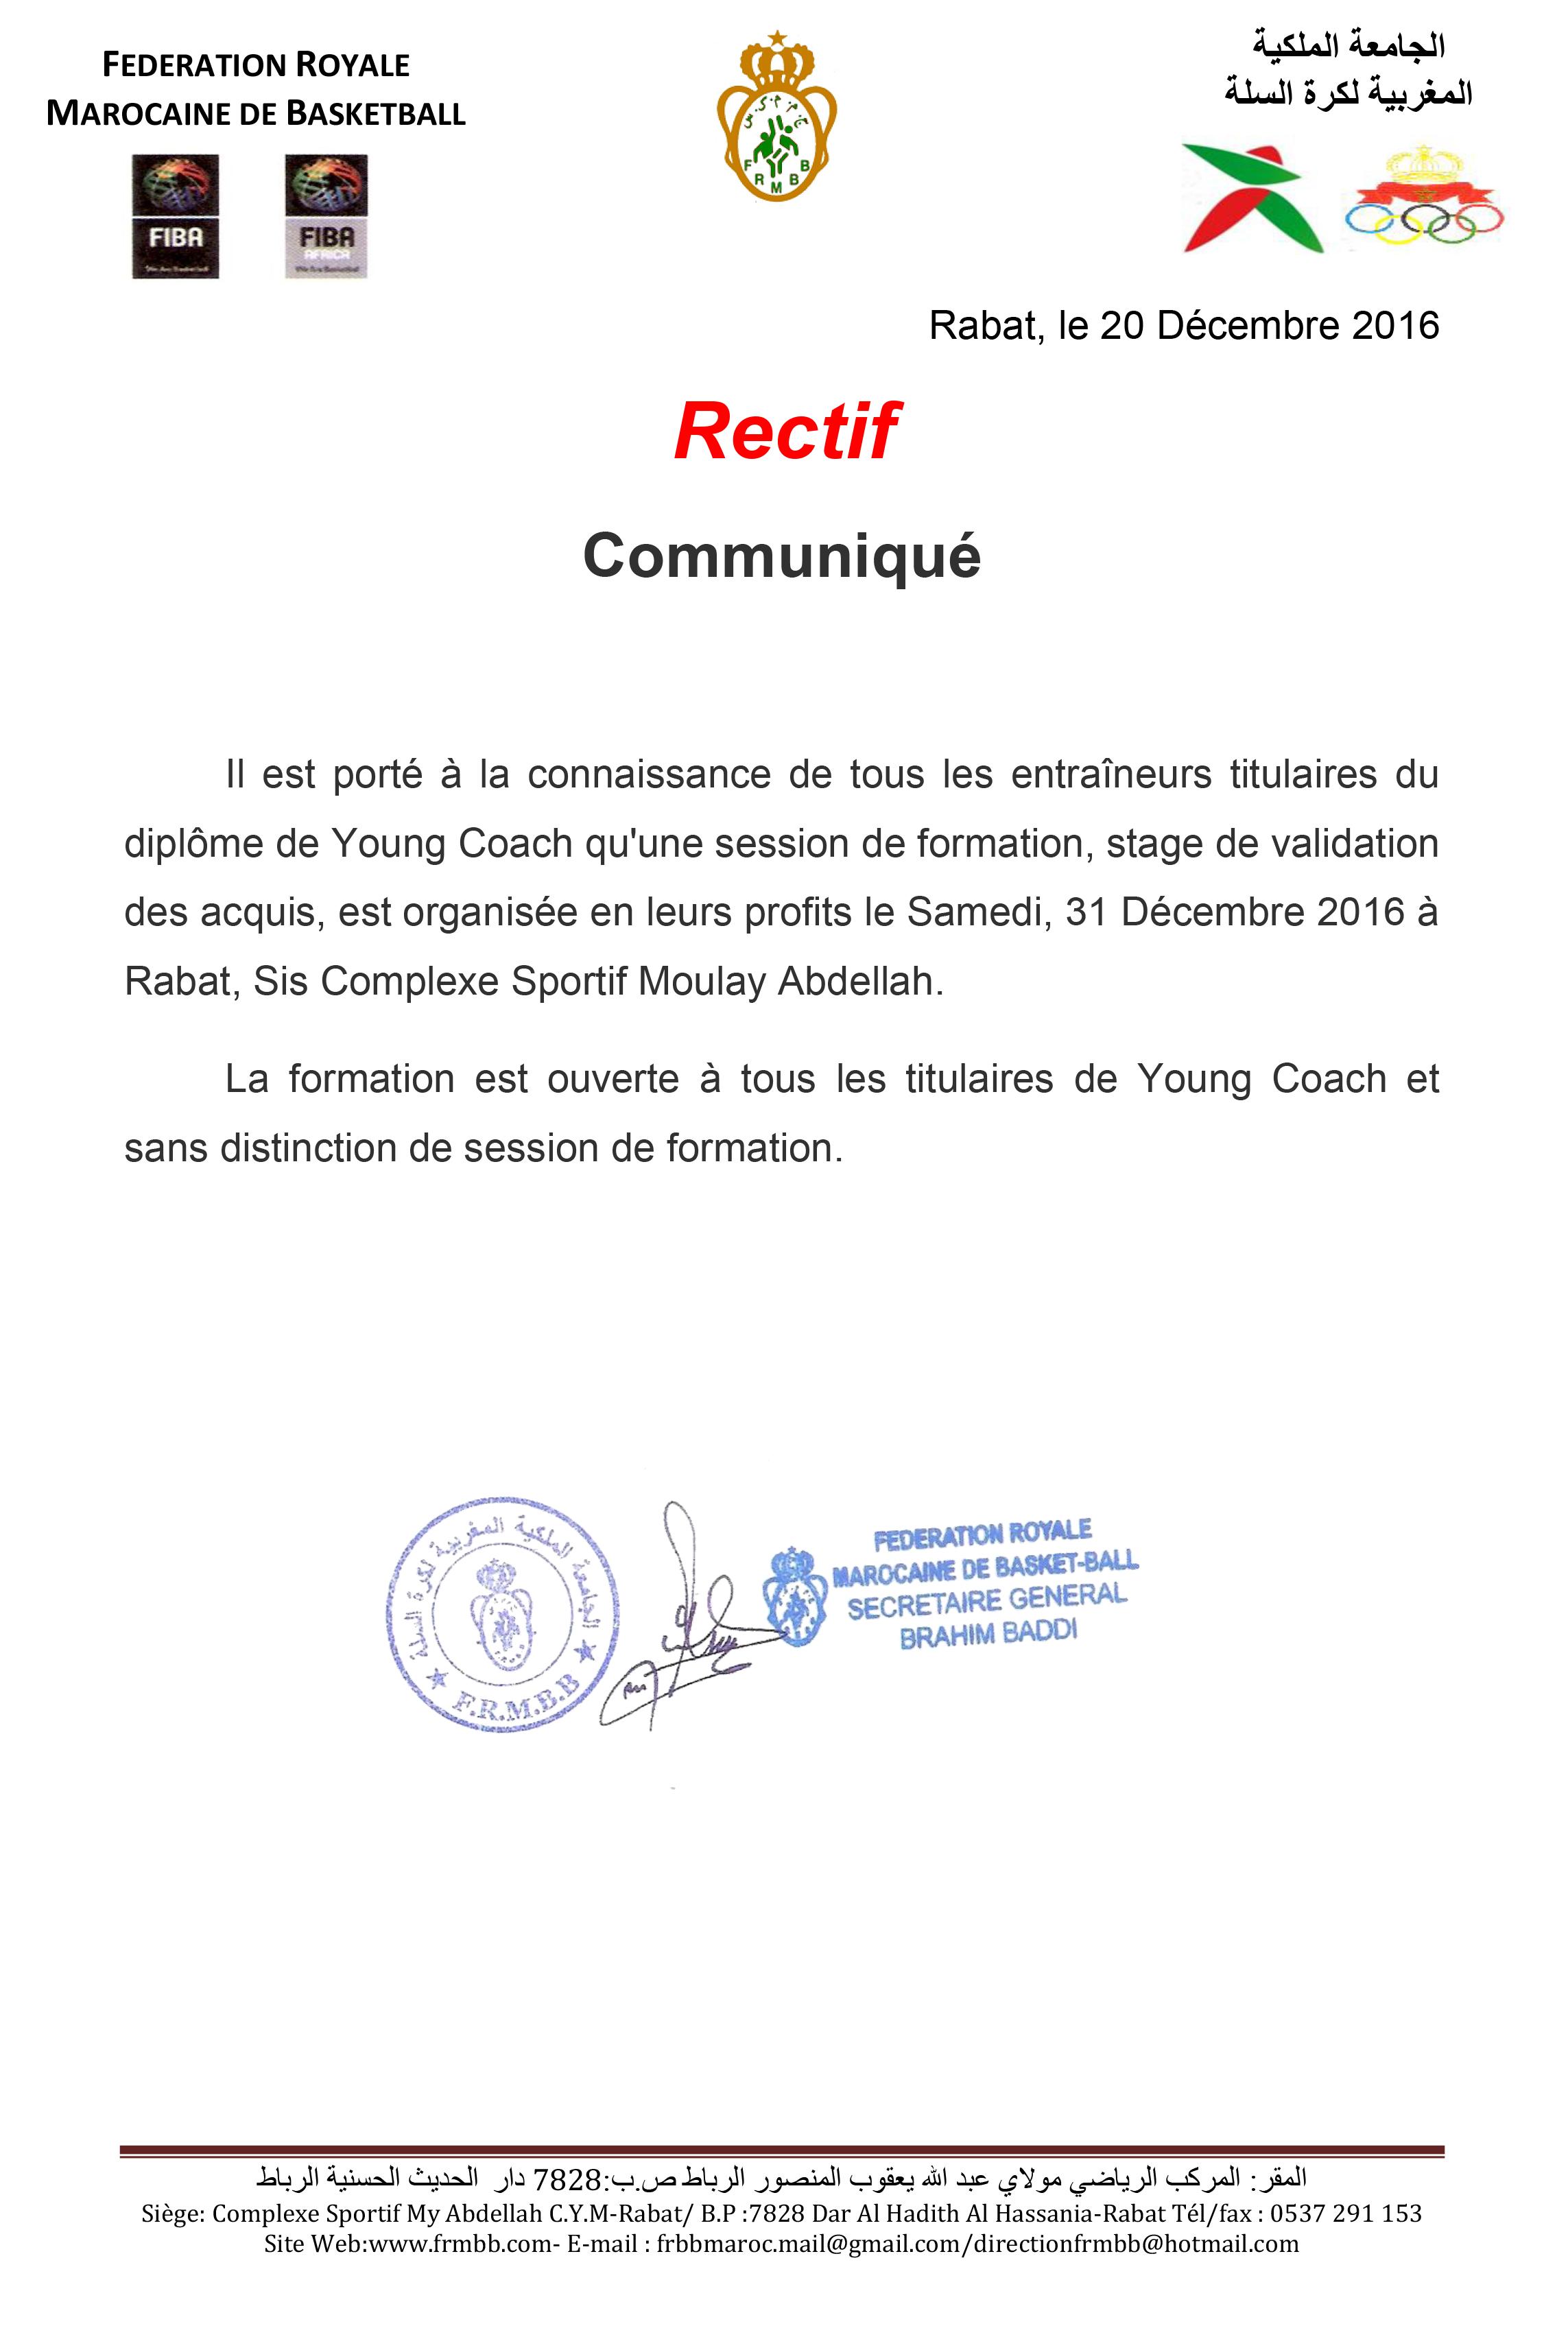 communique-de-stage-dentraineurs-young-coach-rabat-le-31-decembre-2016-1-copy